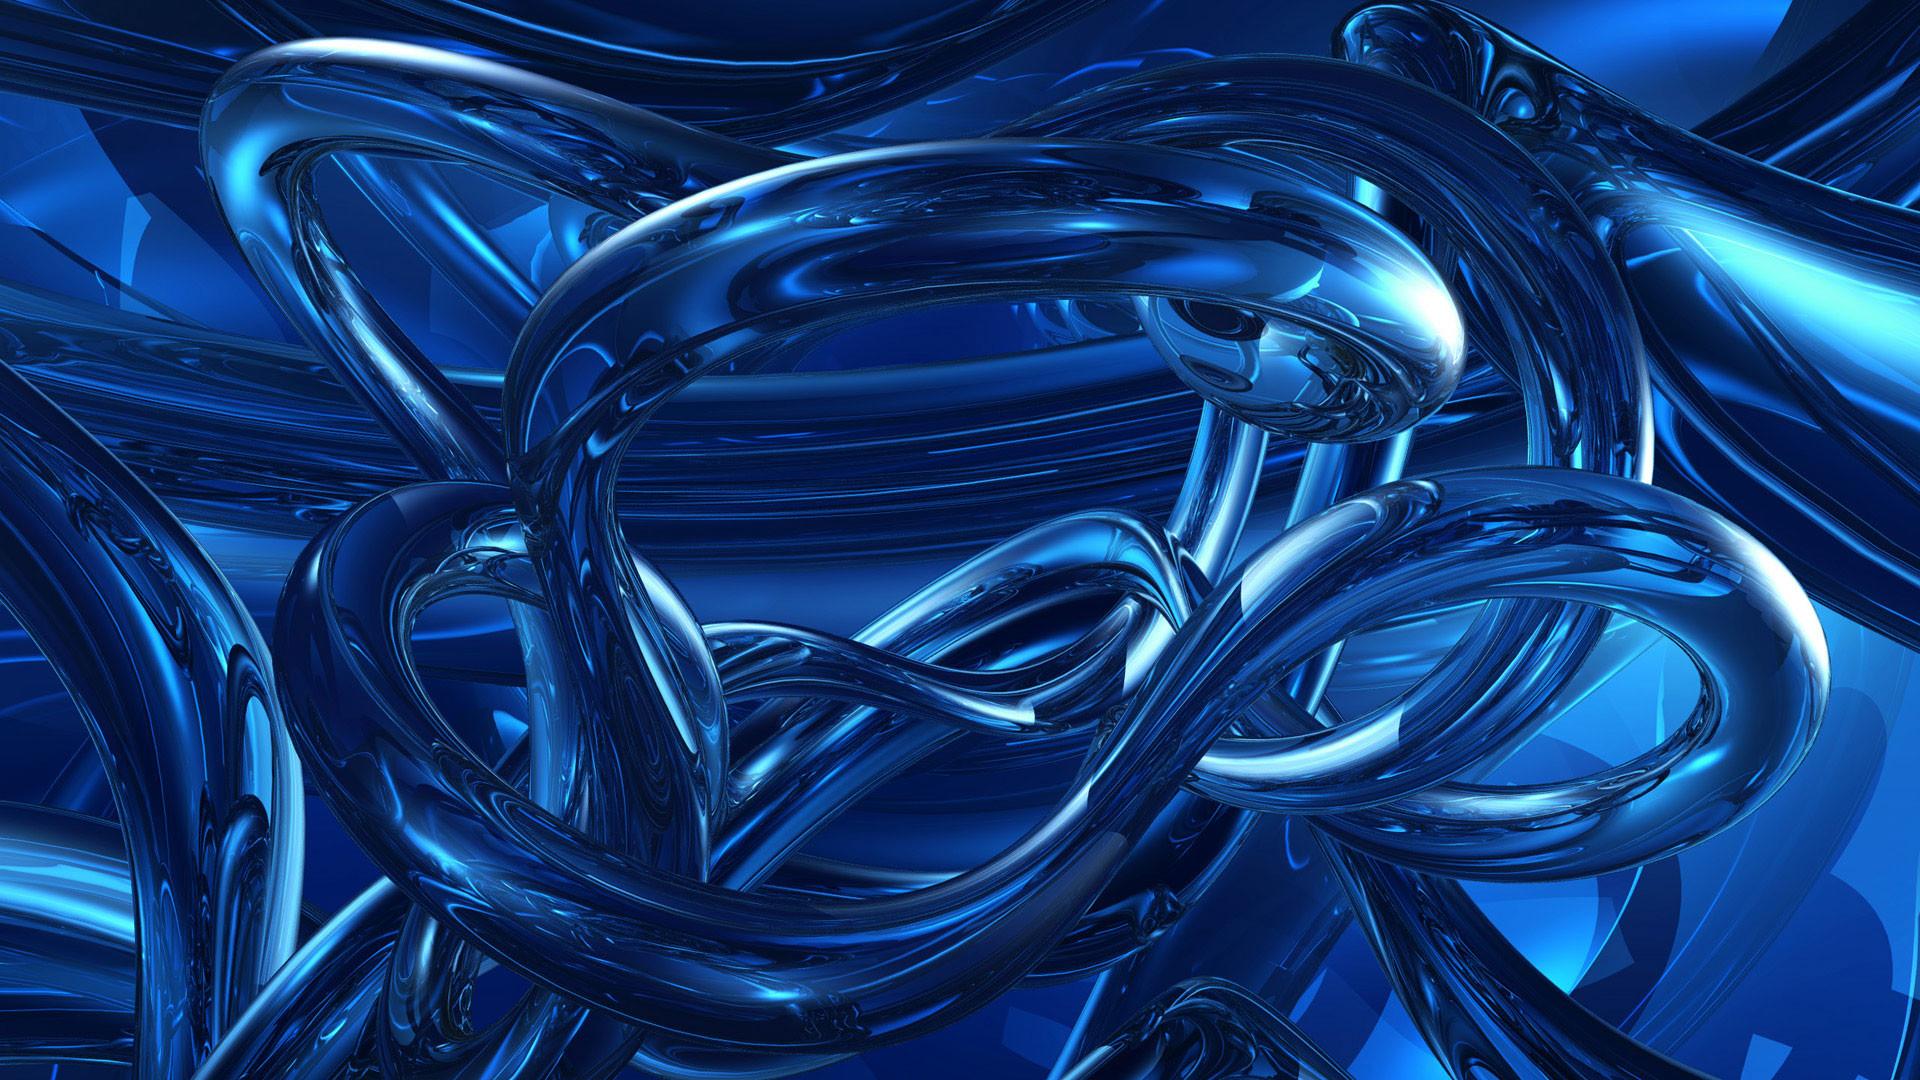 1920x1080 Widescreen Blue Clock Abstract Hd Desktop Wallpaper